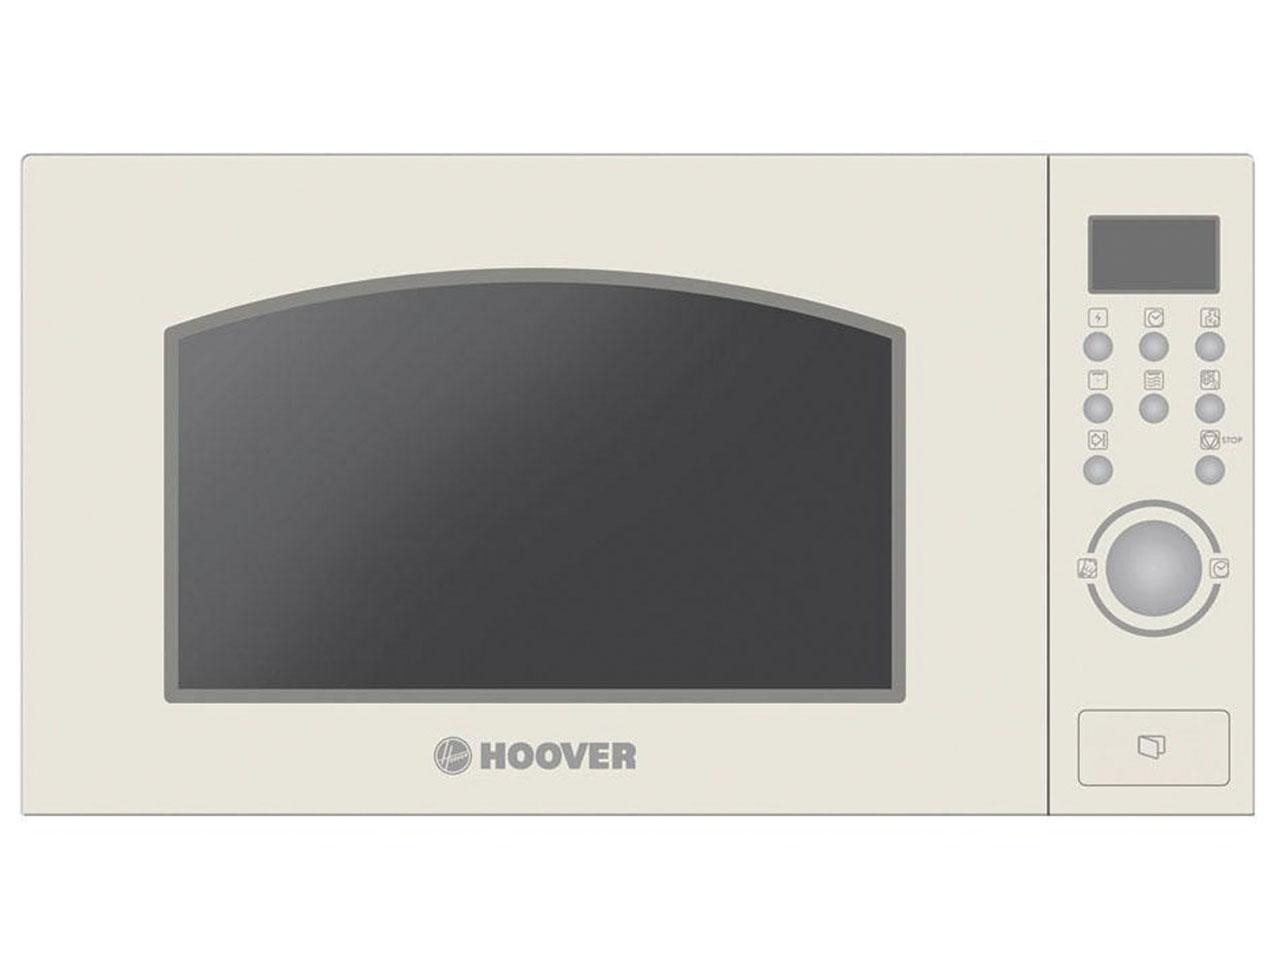 Mikrovlnná trouba HOOVER HMG 20 GDFWA + 5 let záruka po registraci!